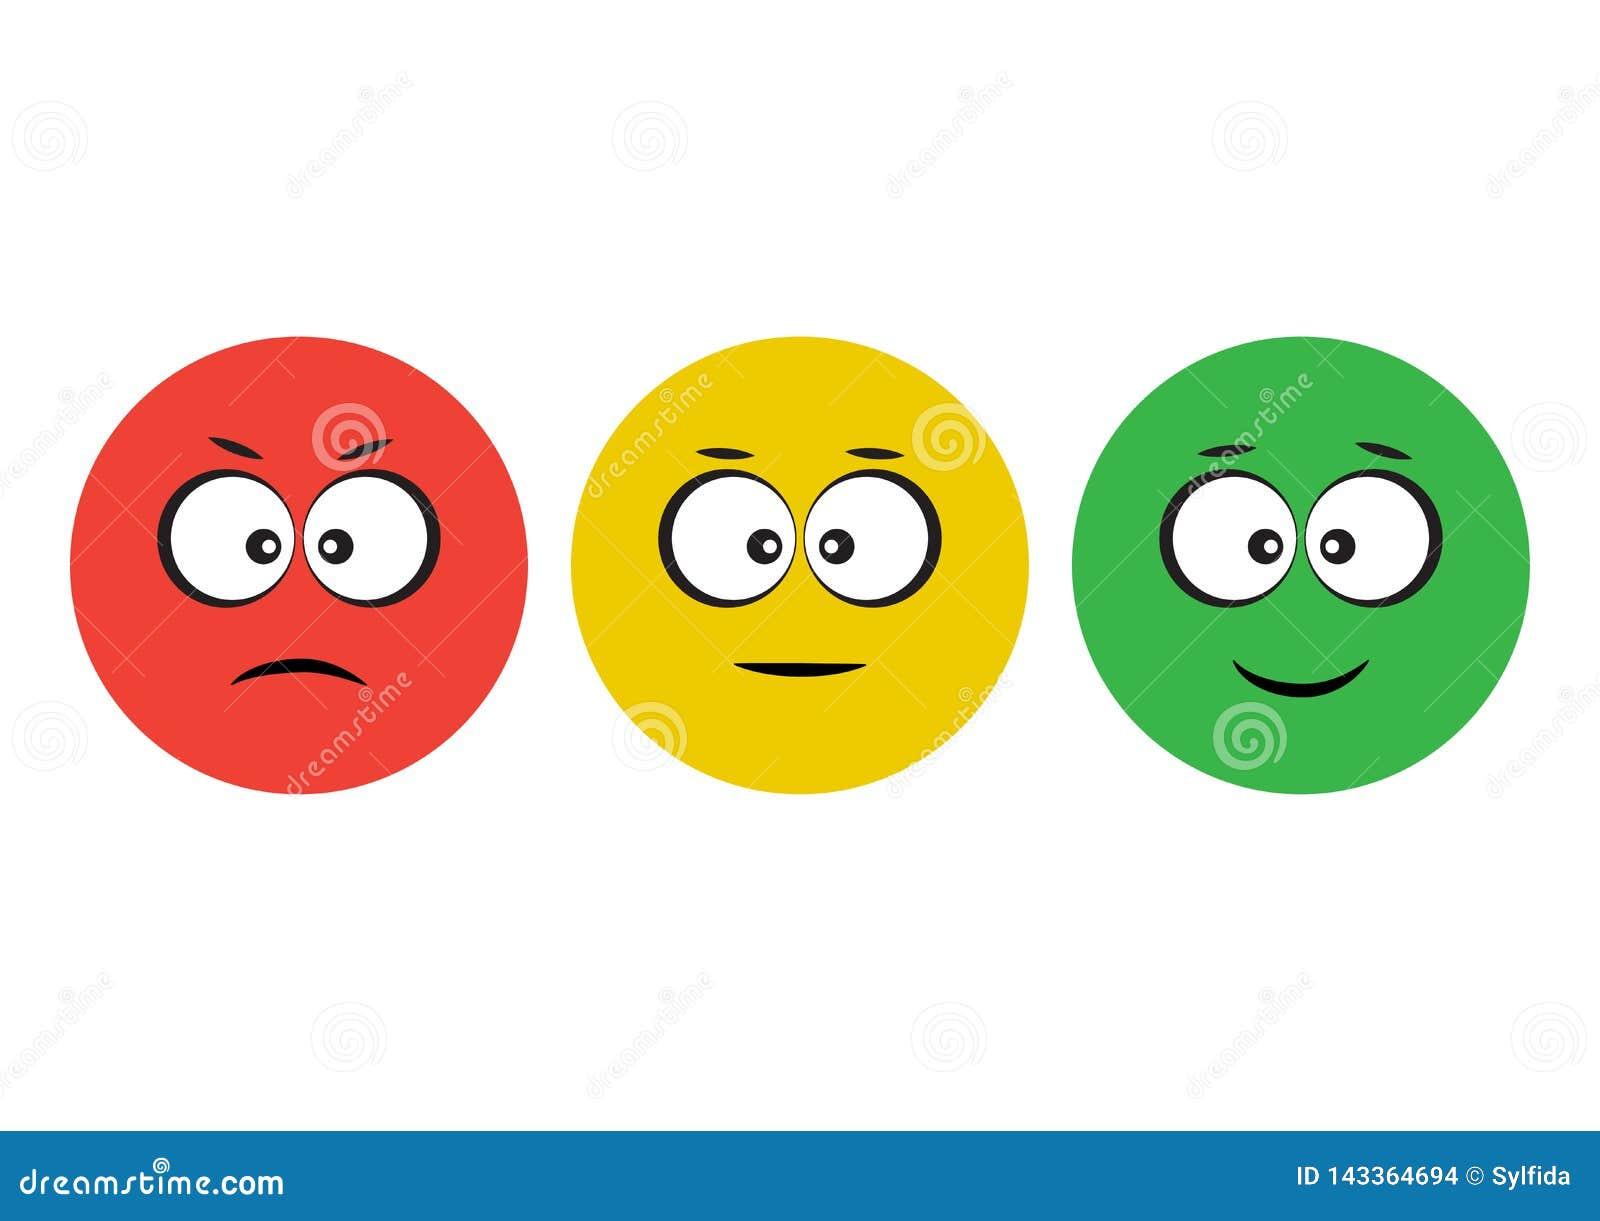 Ícone vermelho, amarelo, verde dos emoticons dos smiley negativo, neutro e positivo Caráteres engraçados Ilustração do vetor